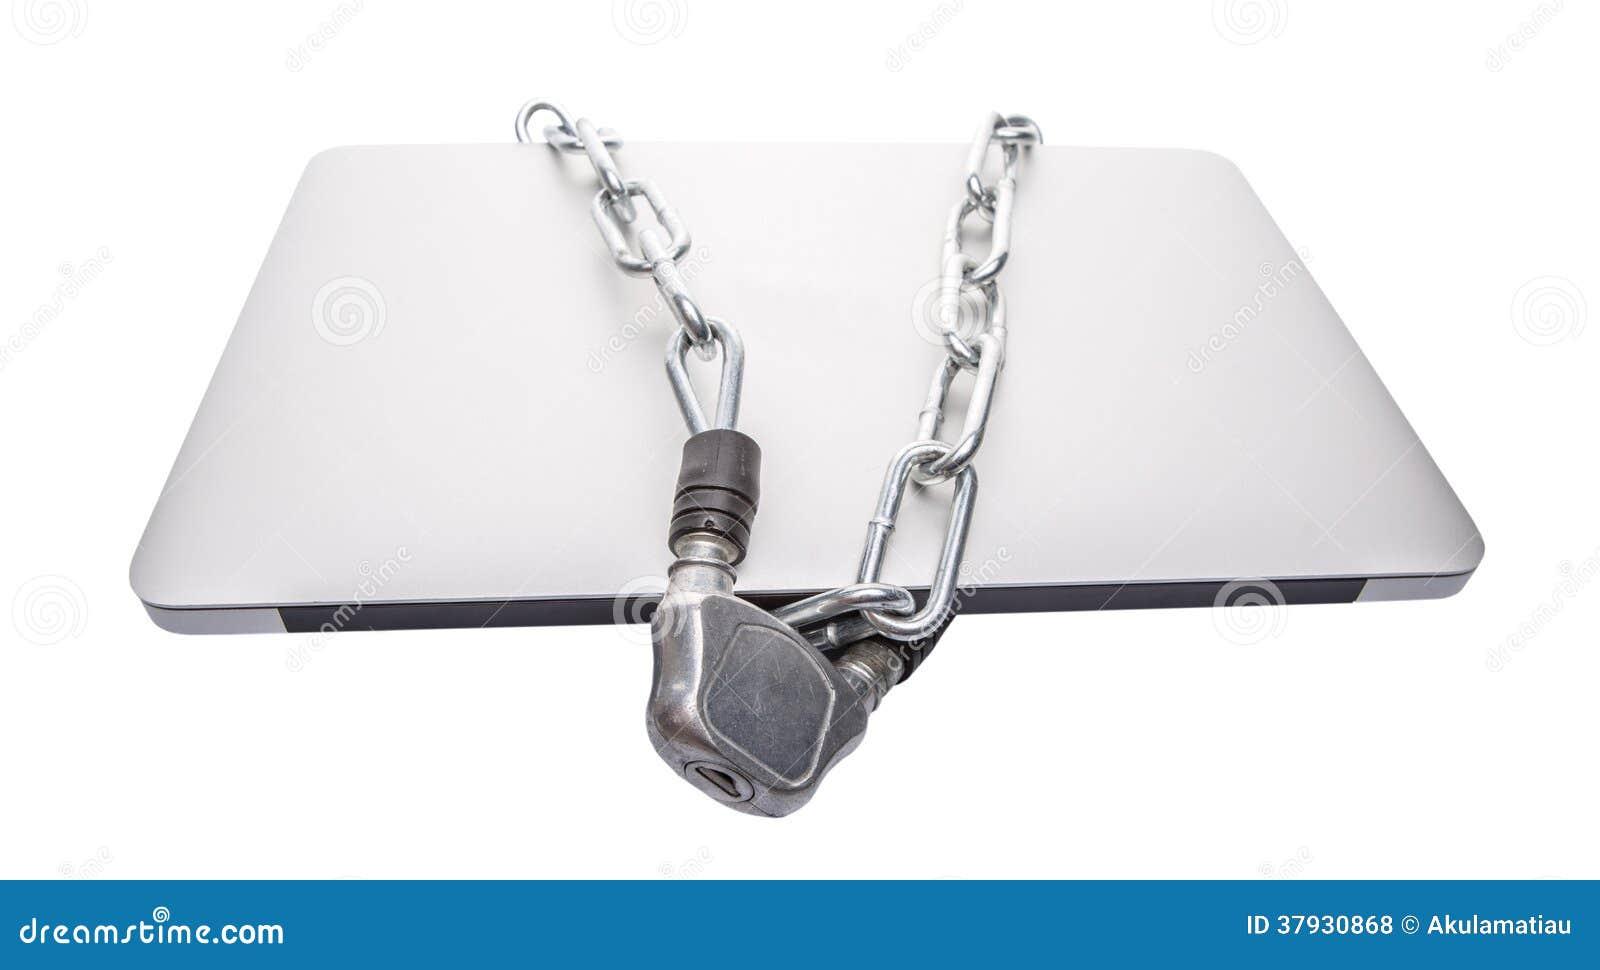 Ordinateur portable et chaînes VII